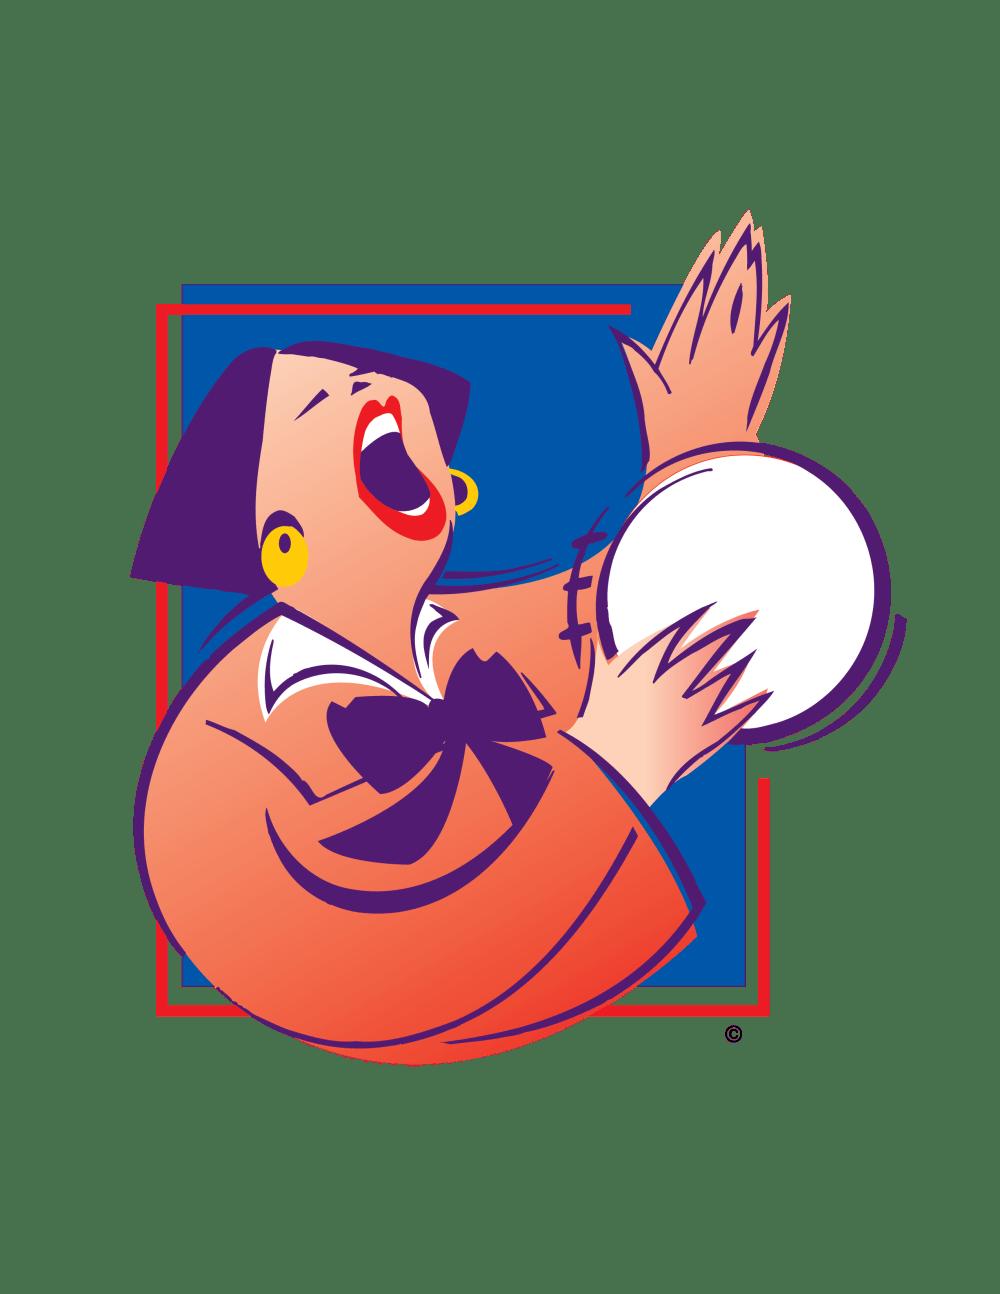 medium resolution of opera singer 2 clip art